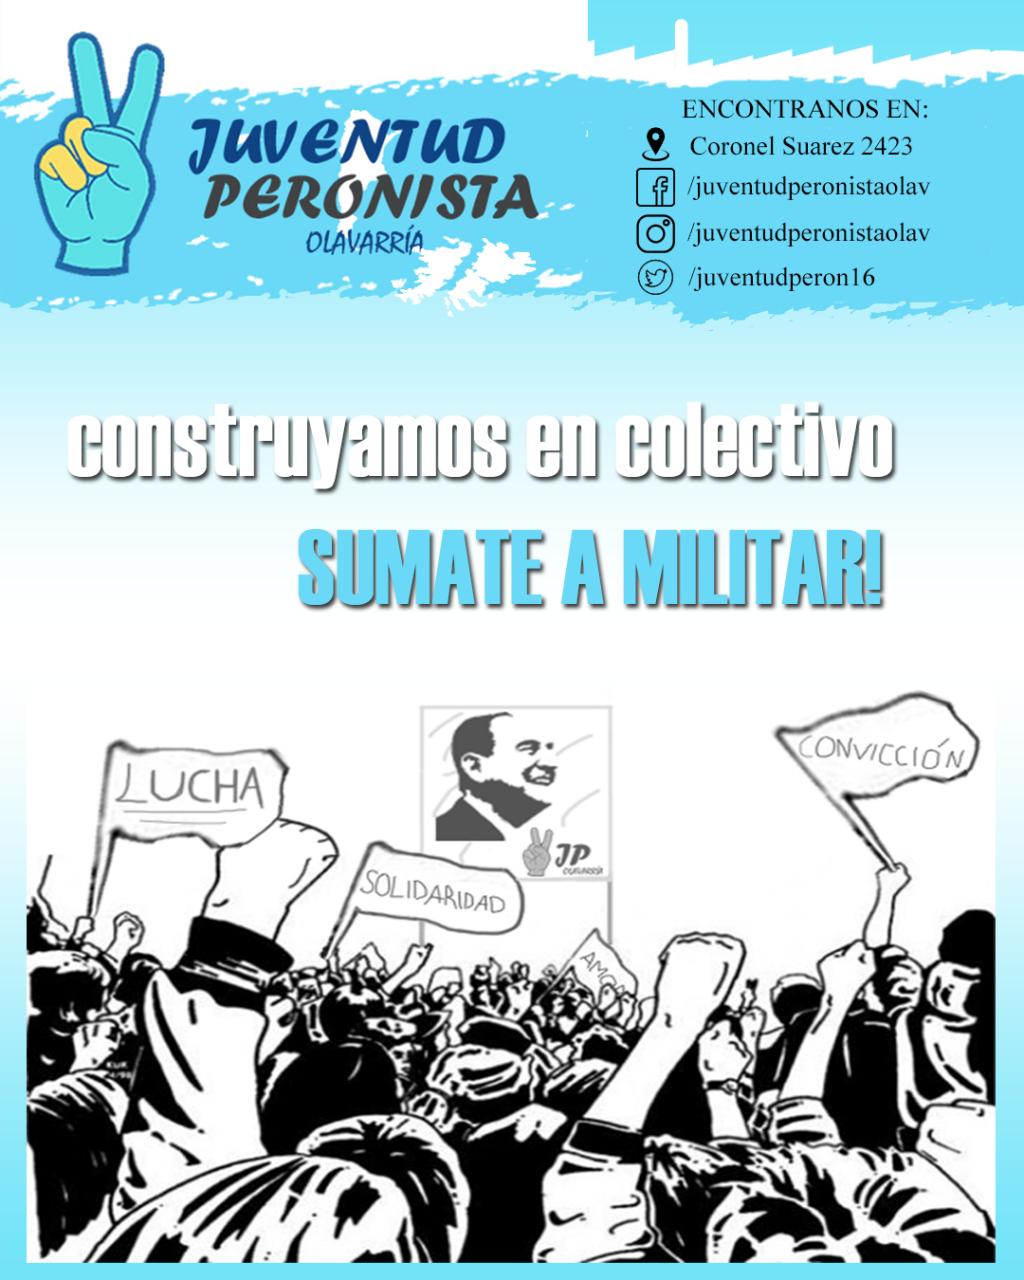 Desde la Juventud Peronista invitan a sumarse a militar